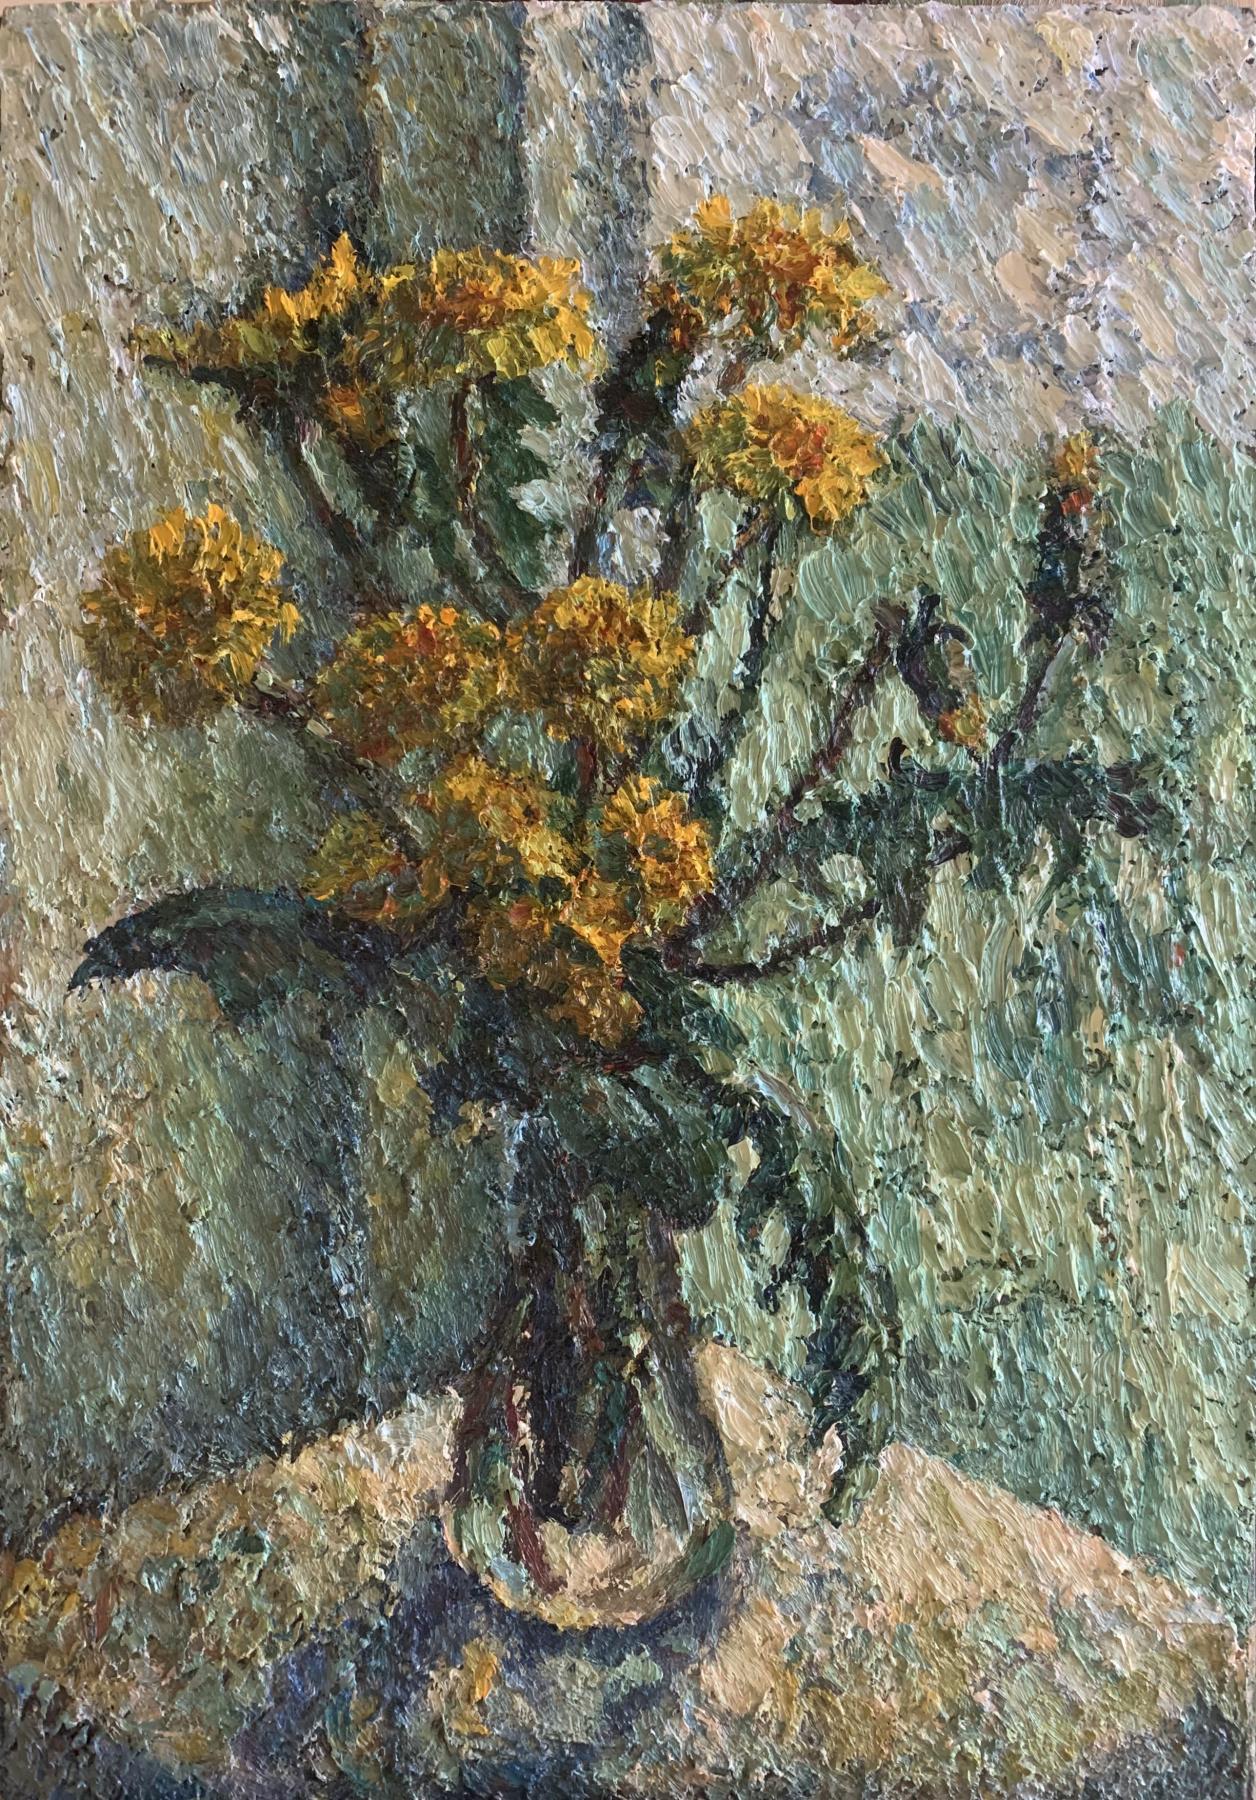 Irina Abramova. Dandelions